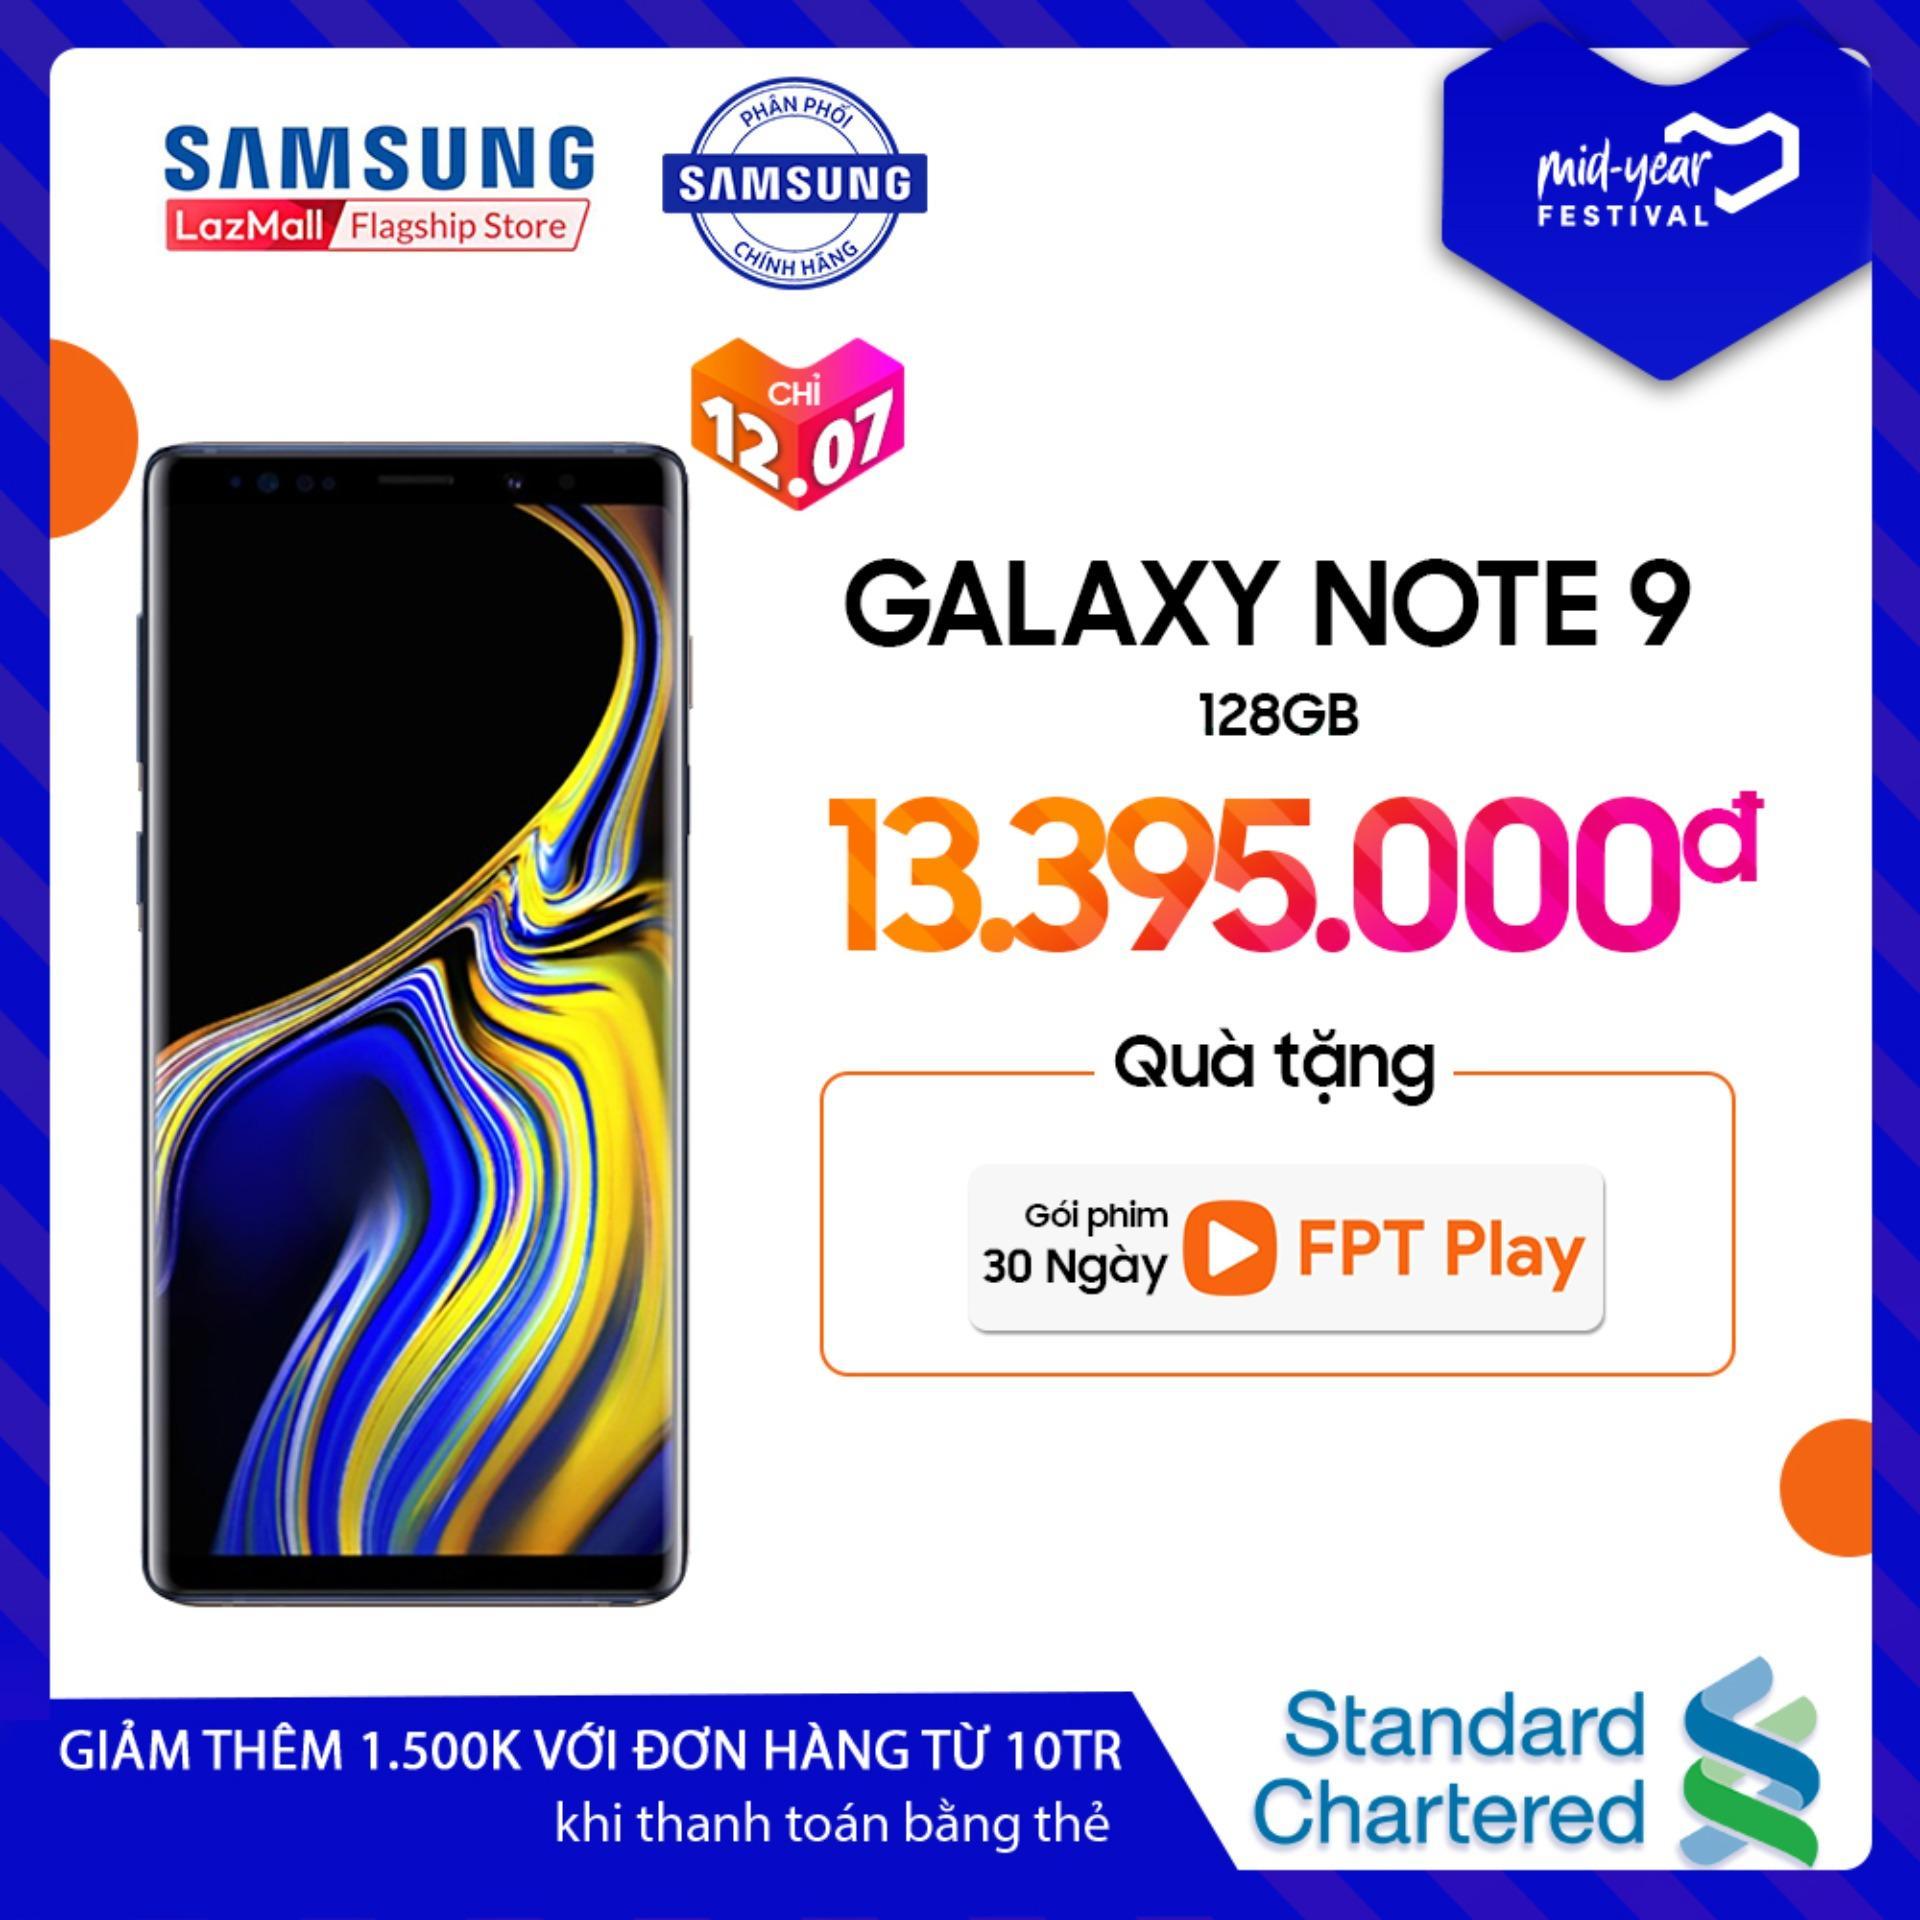 Điện thoại Samsung Galaxy Note 9 - 6GB RAM - 6.4 inch - - Android điện thoại thông minh